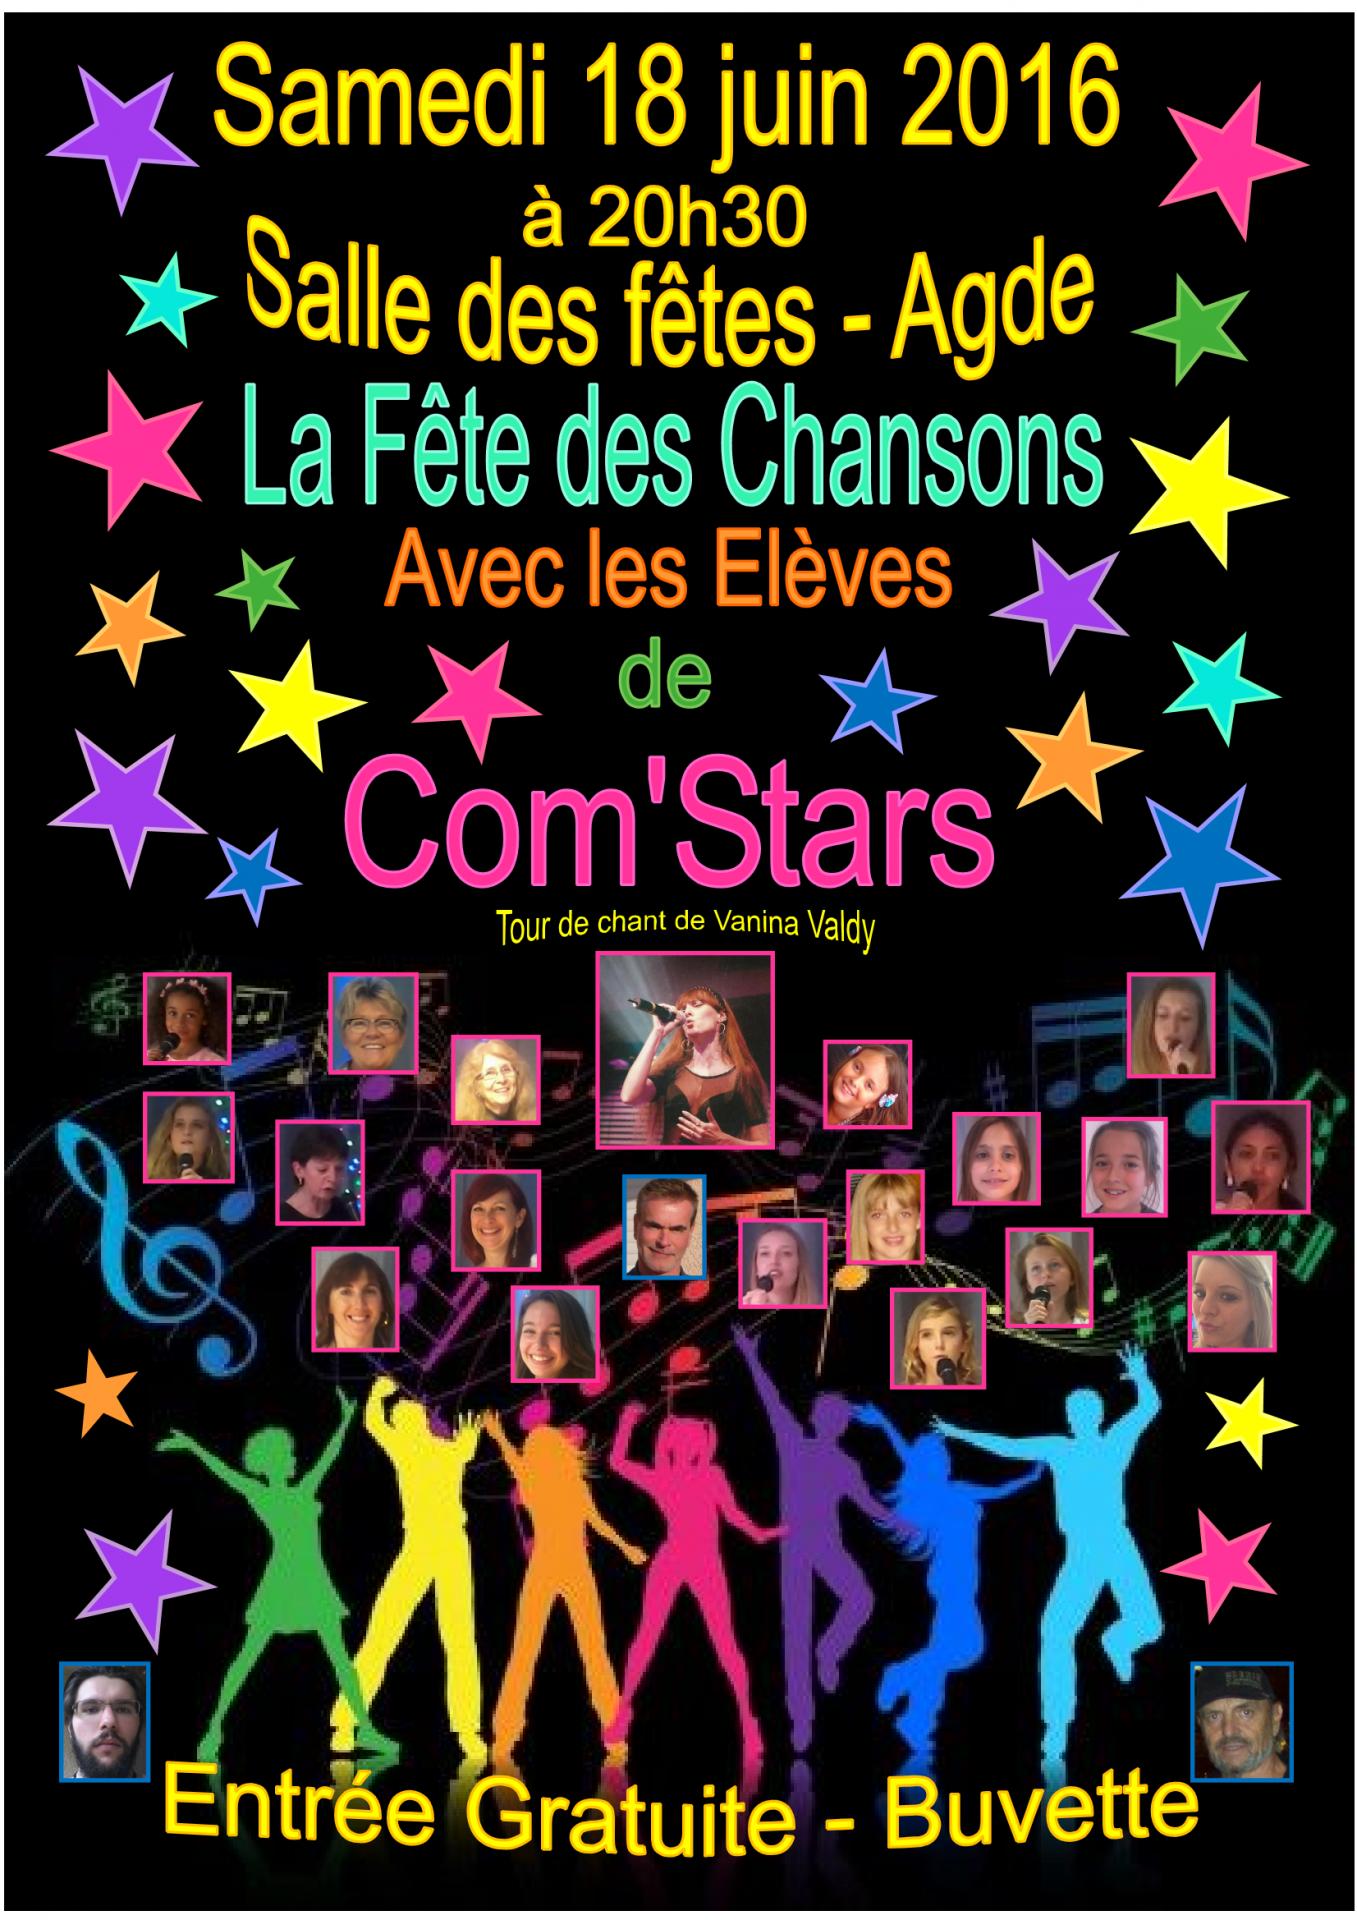 Affiche spectacle de com stars 18 juin 2016